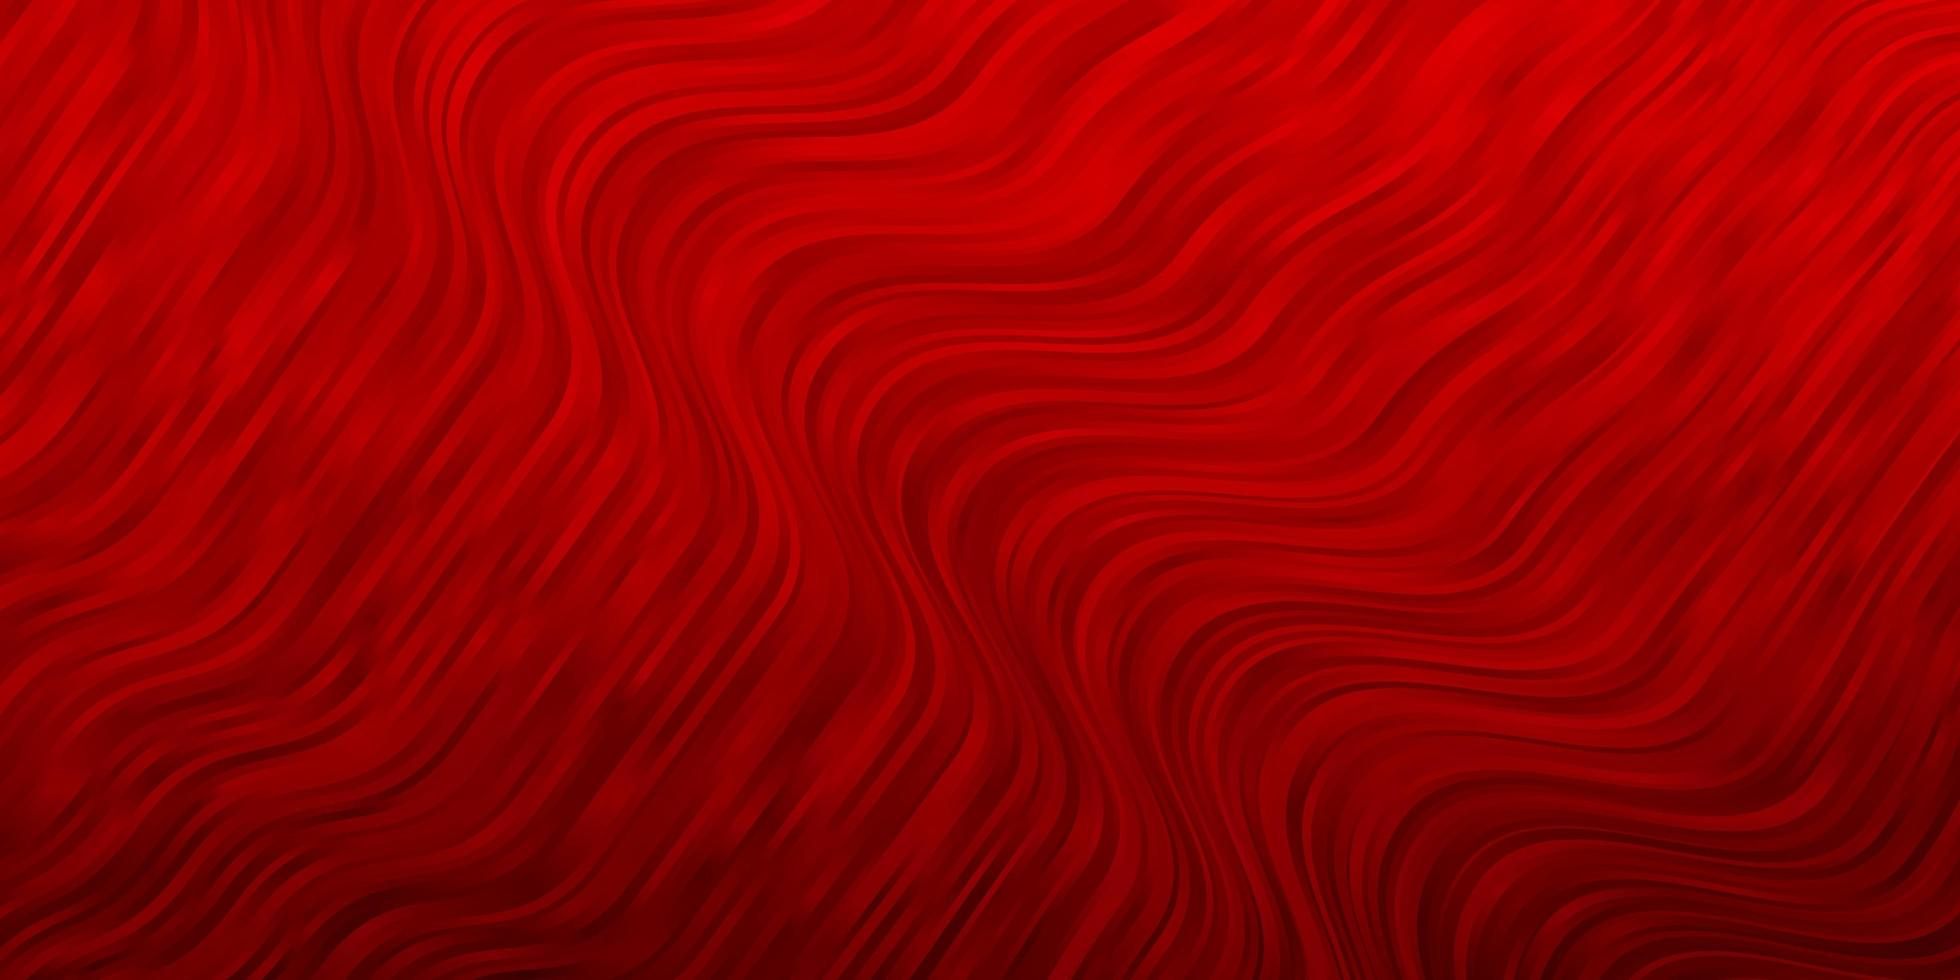 Telón de fondo de vector rojo oscuro con arco circular.